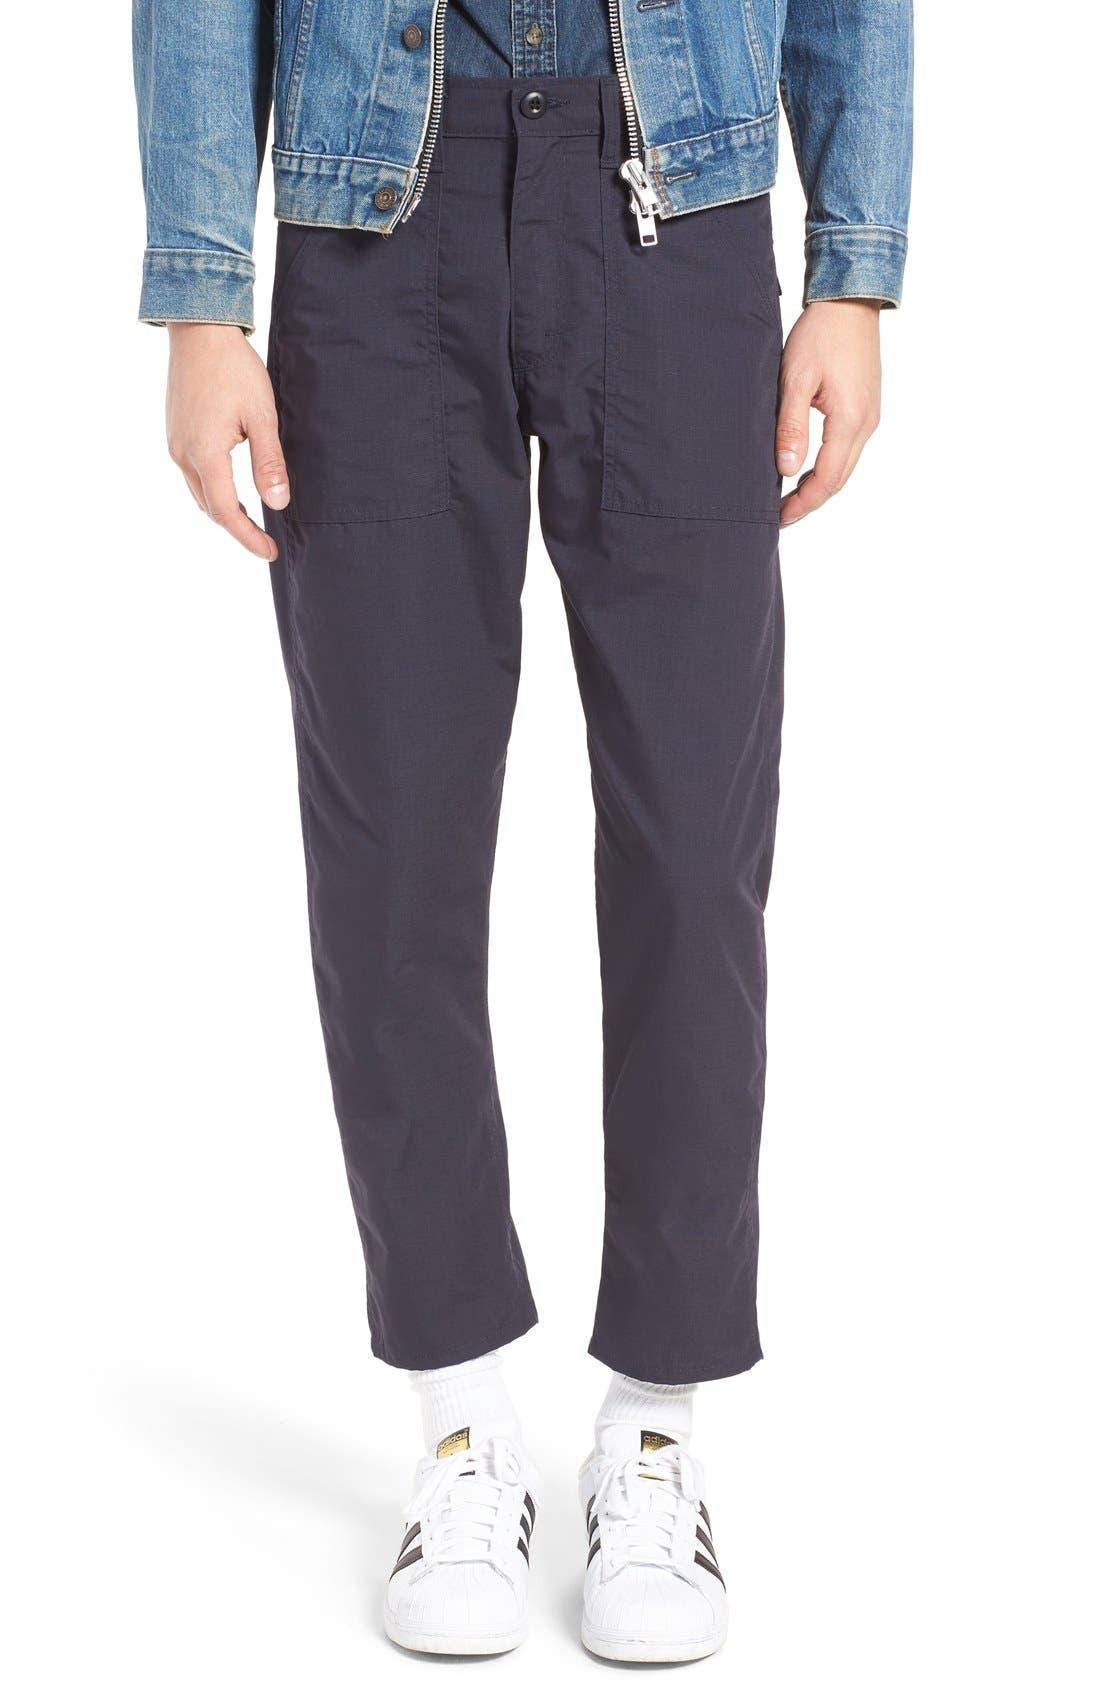 Slim Fit Four Pocket Fatigue Pants, Main, color, 410